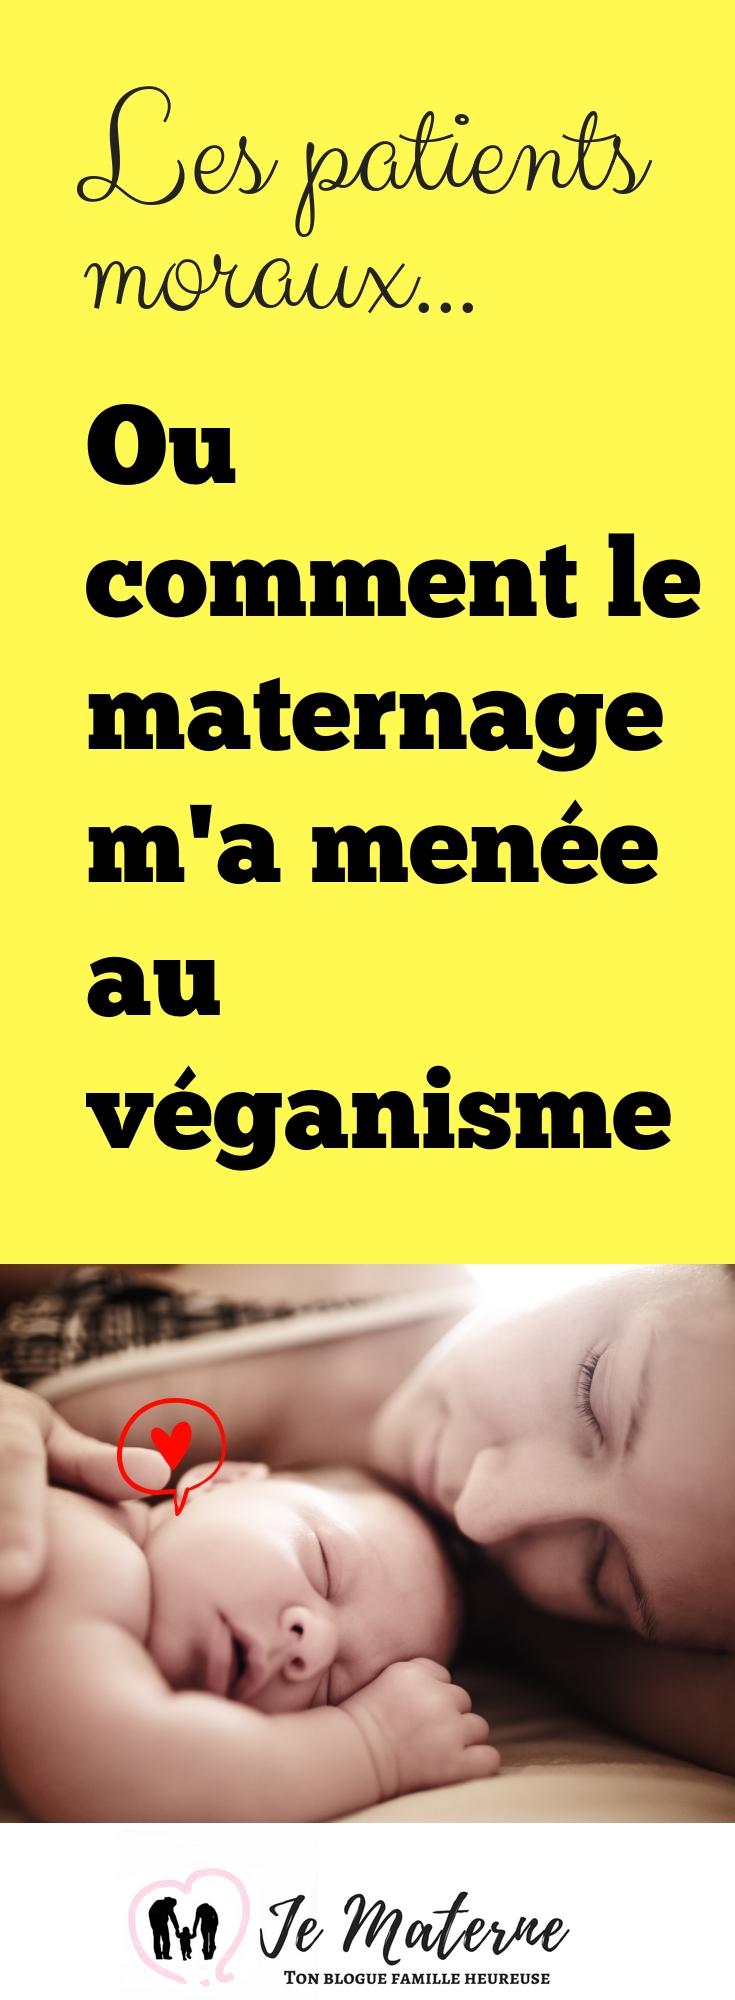 À LIRE ABSOLUMENT! Les patients moraux (ou comment le maternage m'a menée au véganisme) - Lis tout ici: JeMaterne.com #végane #maman #maternage #bébé #végé #véganisme #vegan